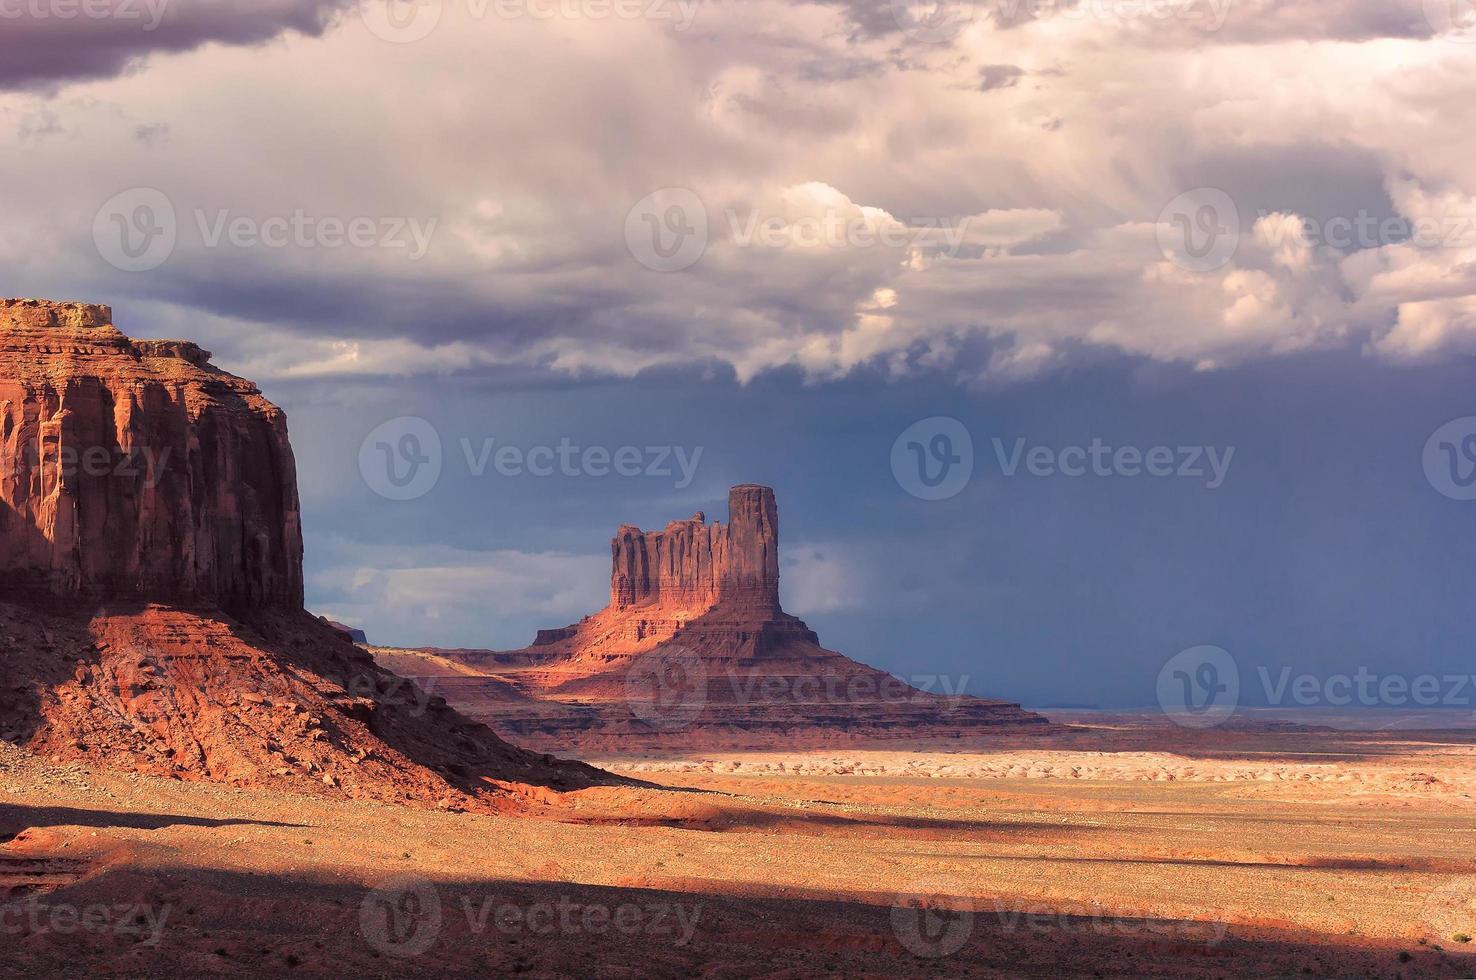 nuvole temporalesche sopra la valle del monumento al tramonto, Arizona foto